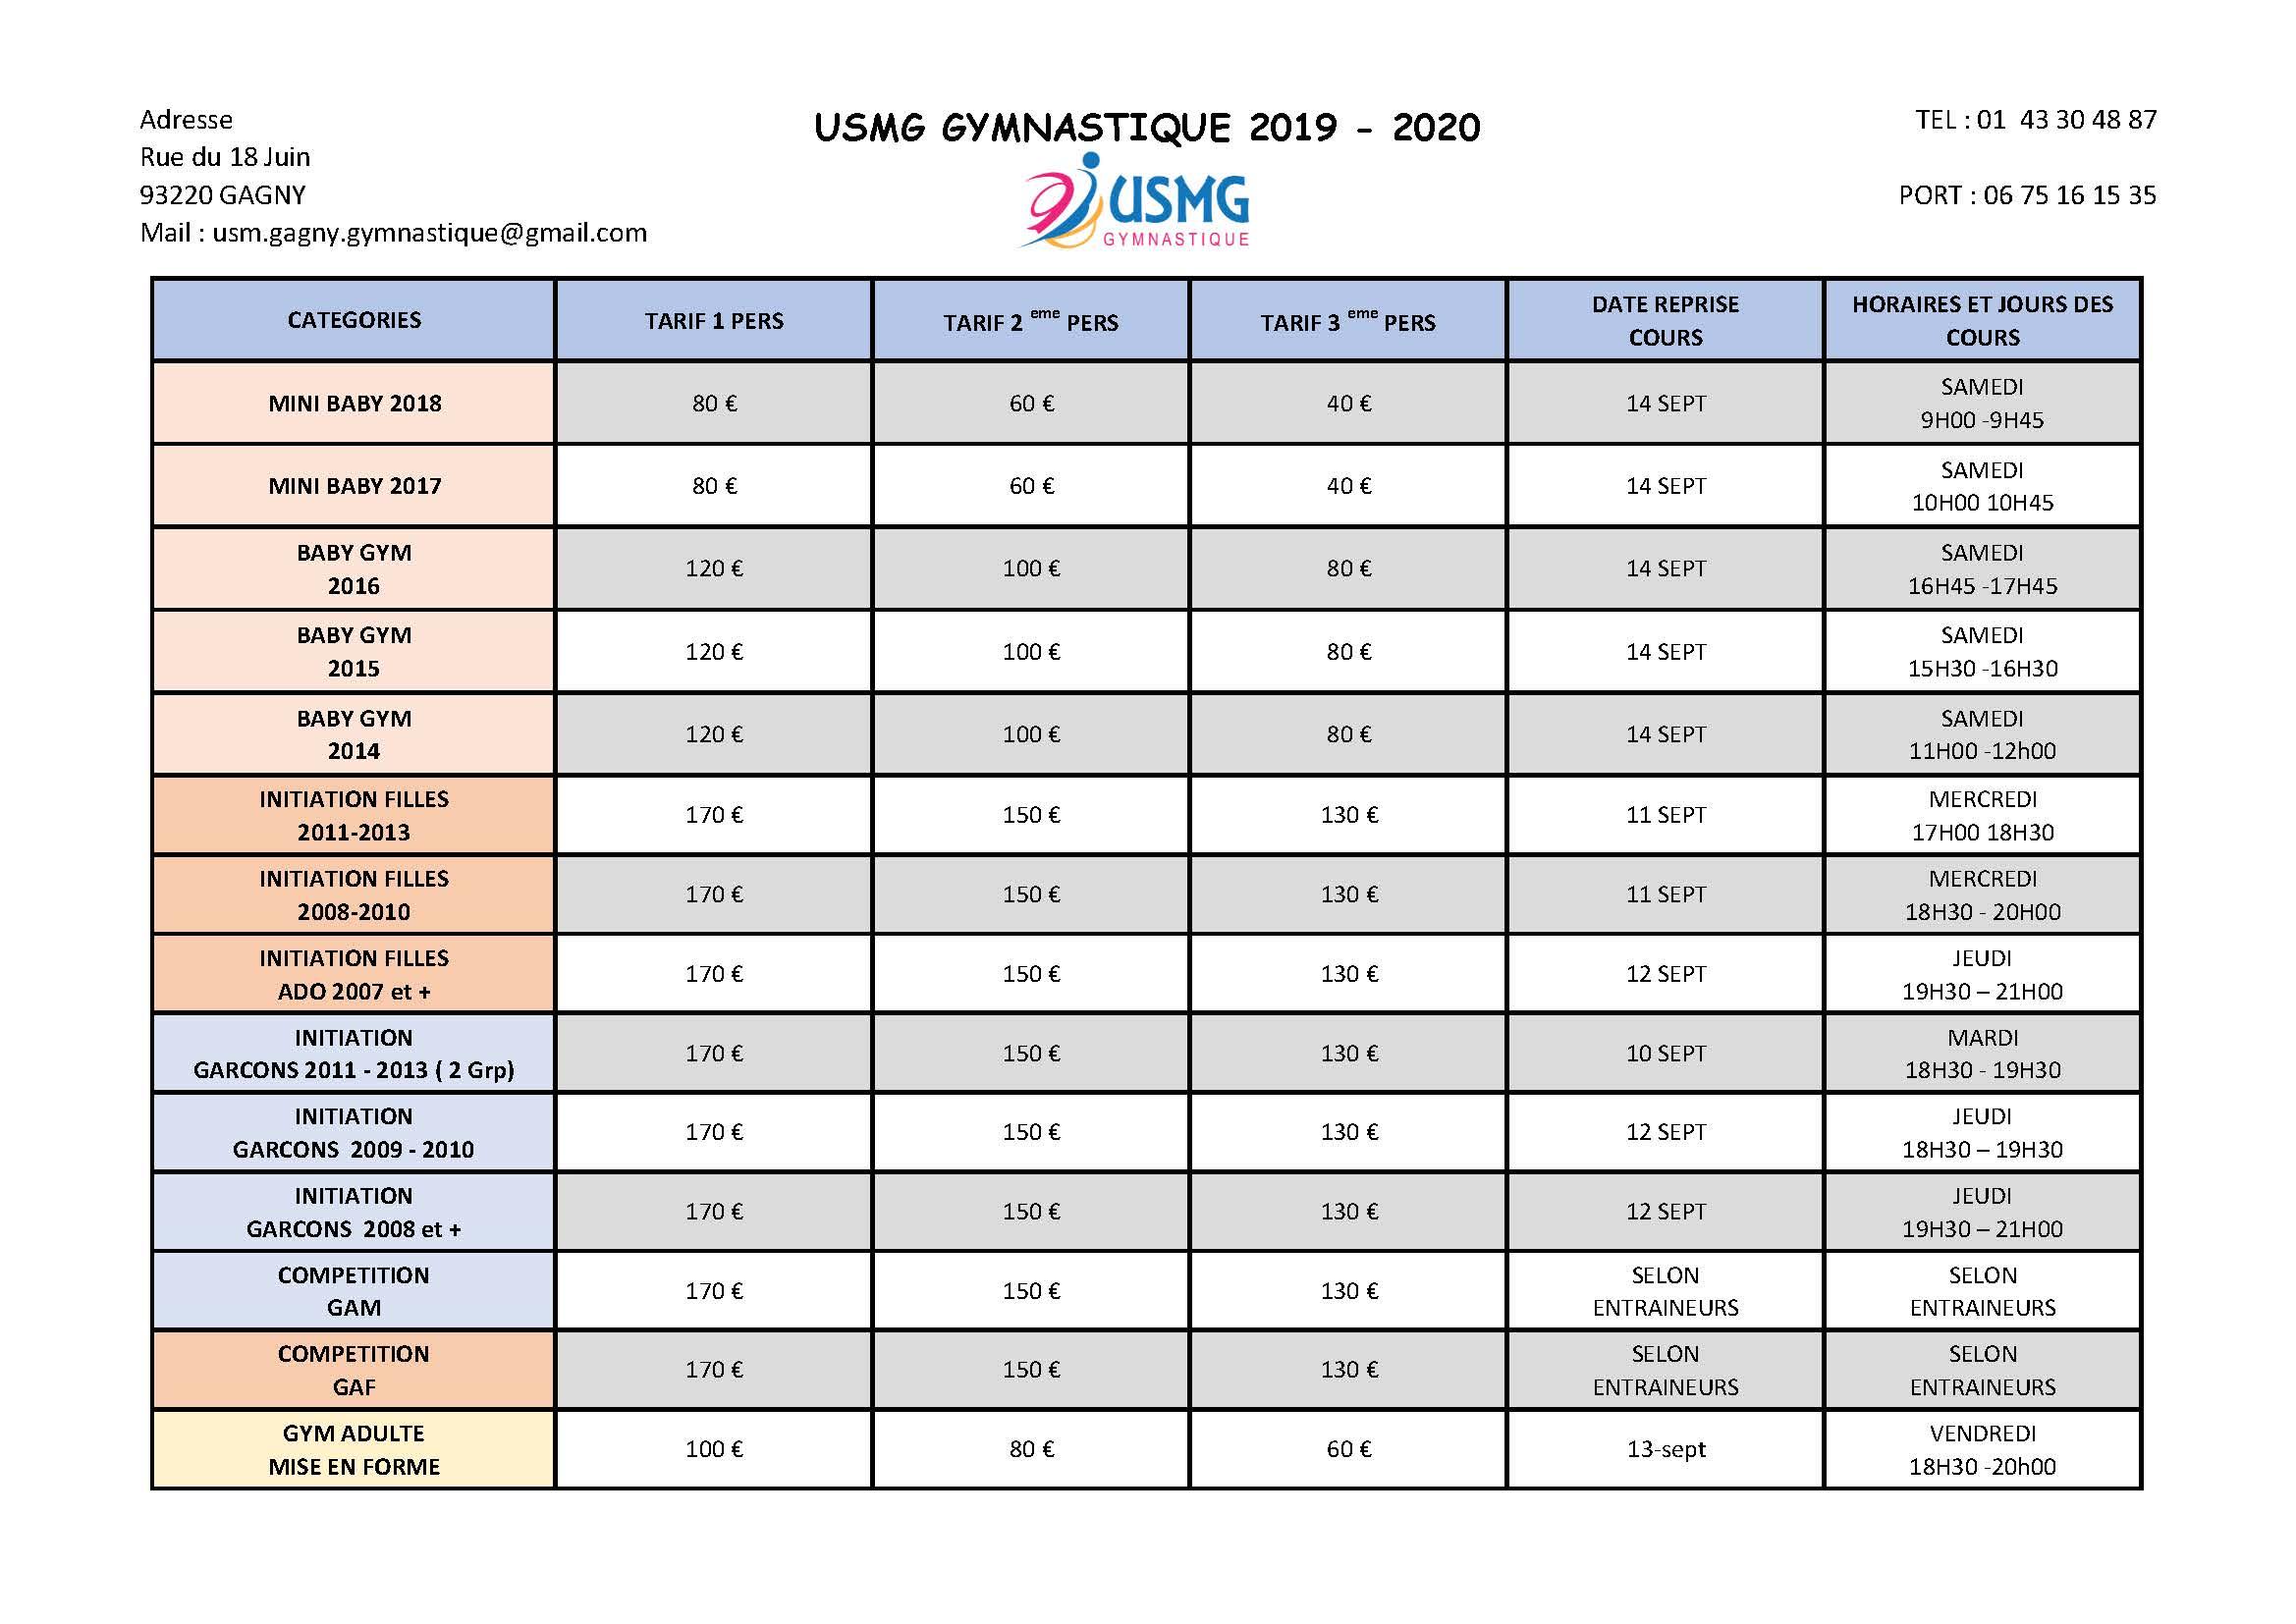 http://usmg-gymnastique.fr/wp-content/uploads/2019/08/TARIF-2019-2020-adhérents.jpg